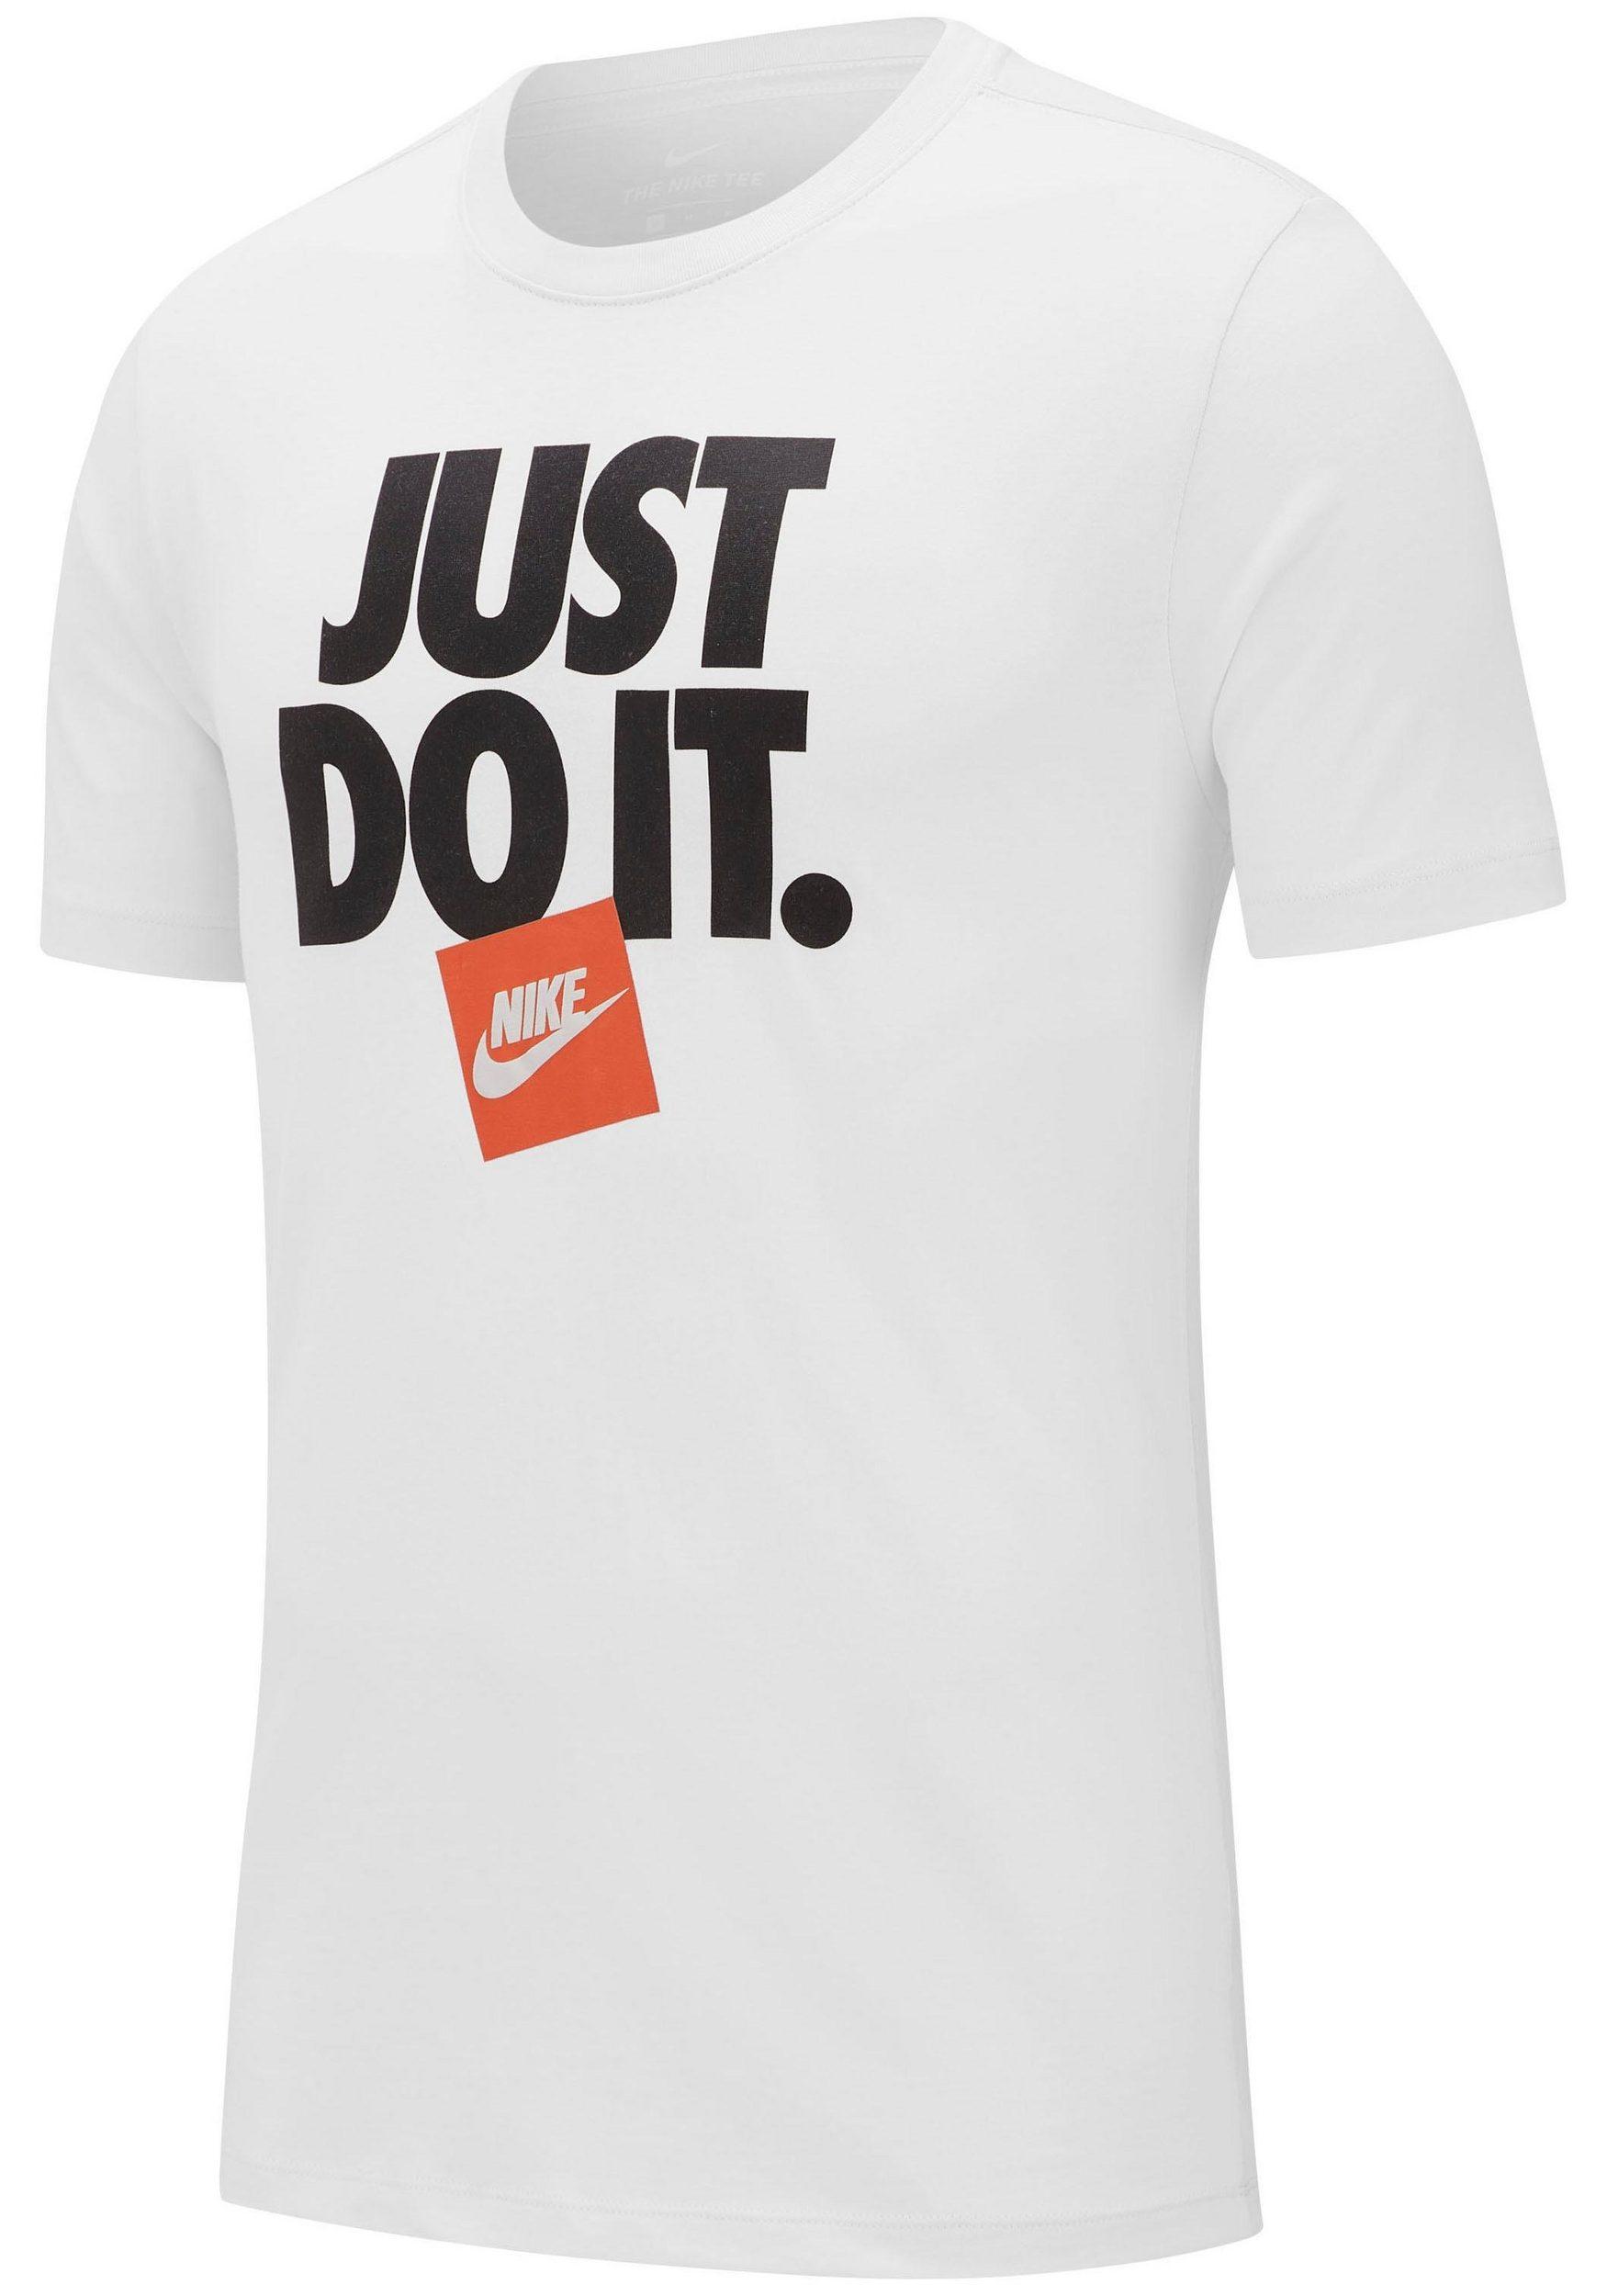 c0a6d3633ffb5b Vorschau: Nike Herren T-Shirt Just Do it Tee III weiß/schwarz ...